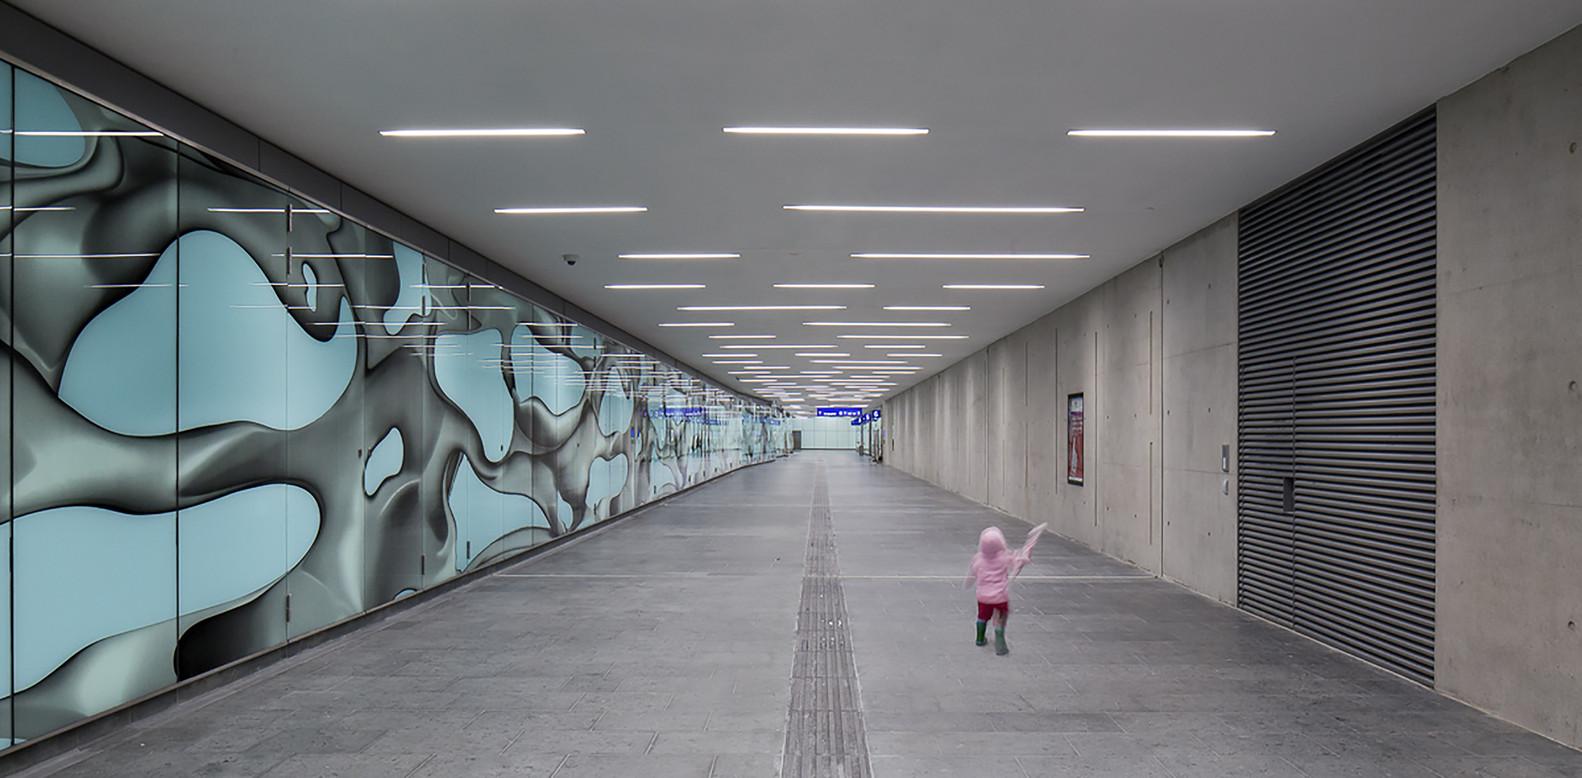 Оригинальный интерьер железнодорожного вокзала вокзала - Фото 13